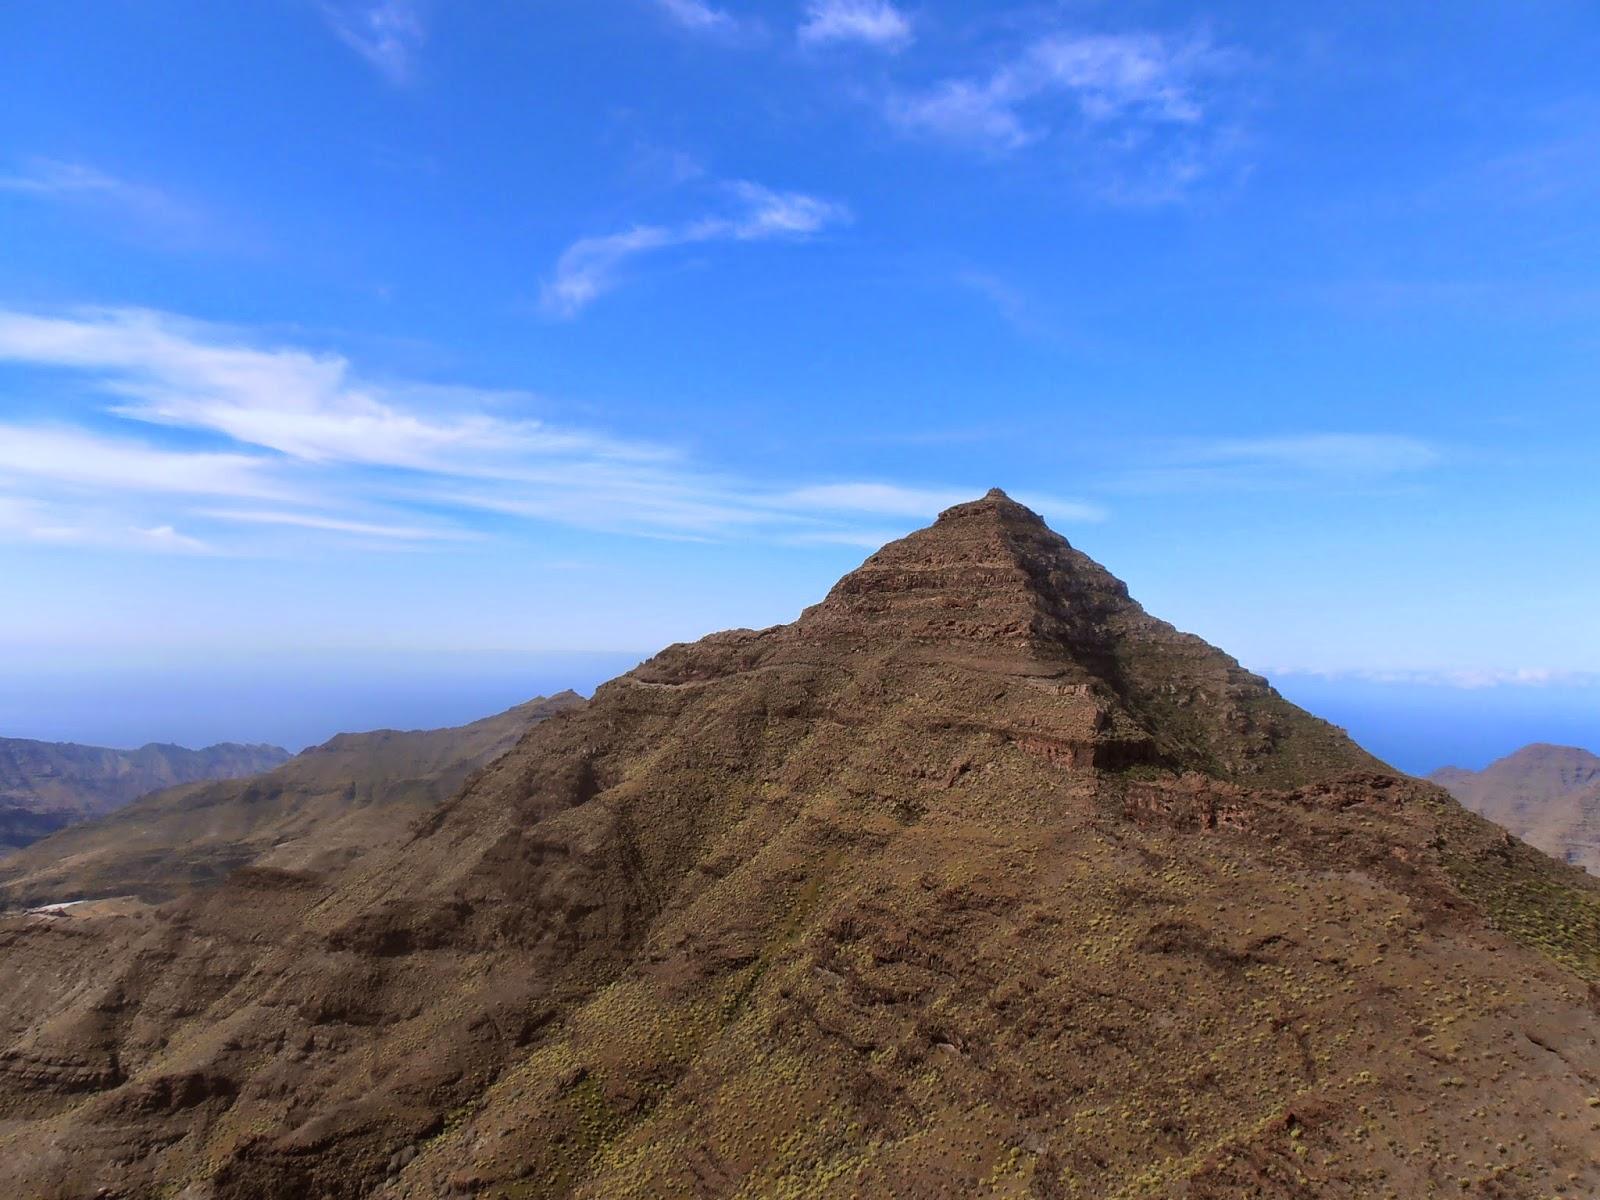 Montaña de Aslobas o Adlobas